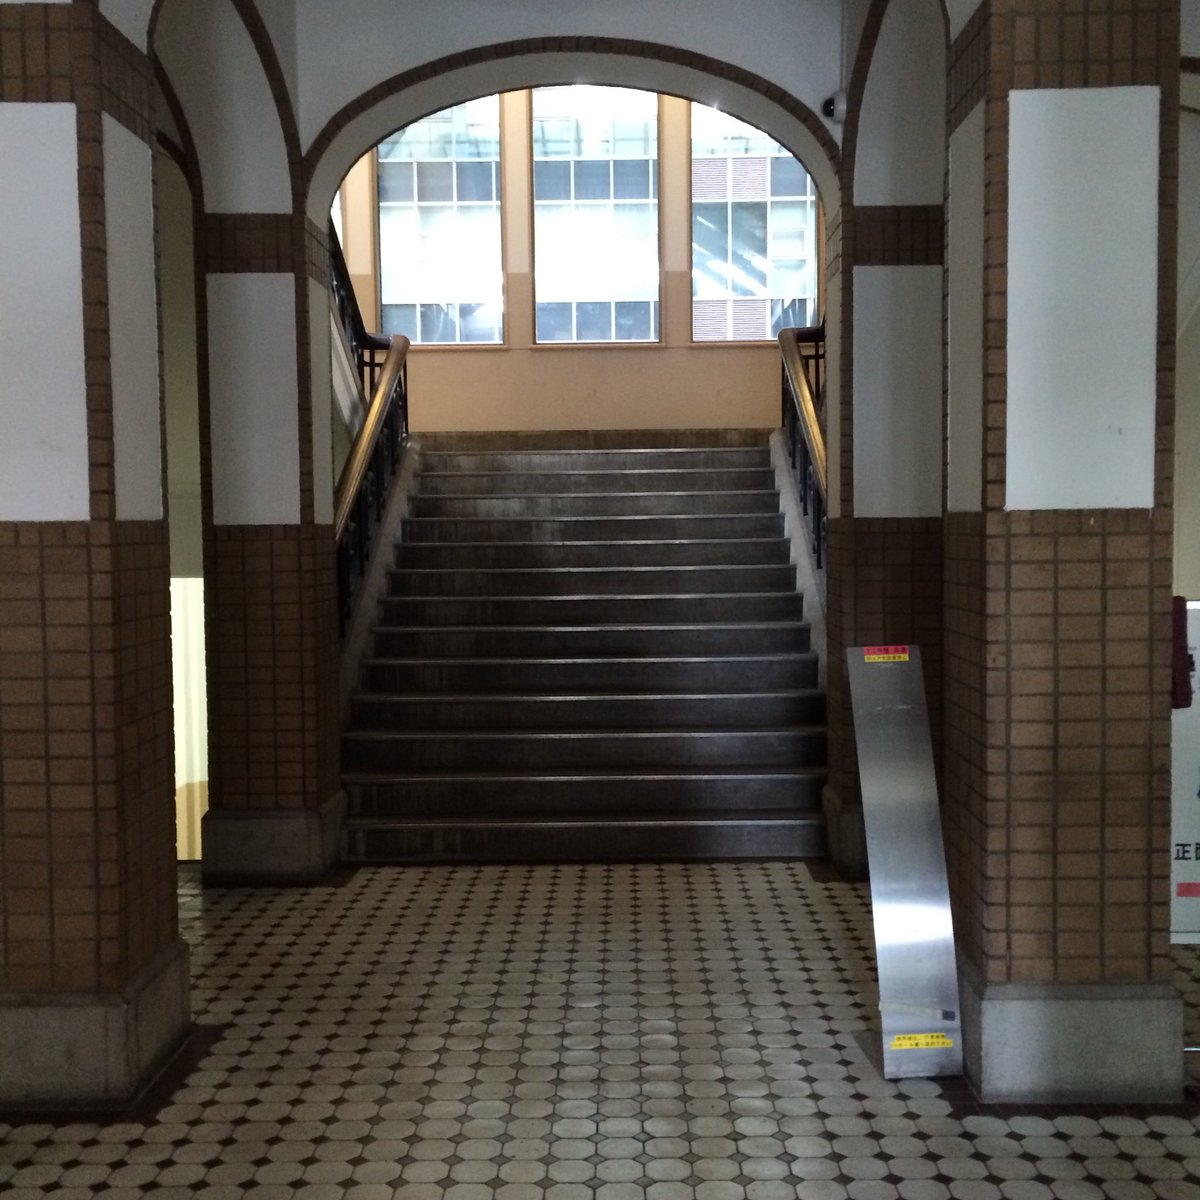 本郷キャンパスは広すぎて、よく迷う・・。 安田講堂は遠くから見ても迫力が。 東京大学 ゴシック建築 近代建築 レトロ建物pic.twitter.com/L4Bg2sIcvE